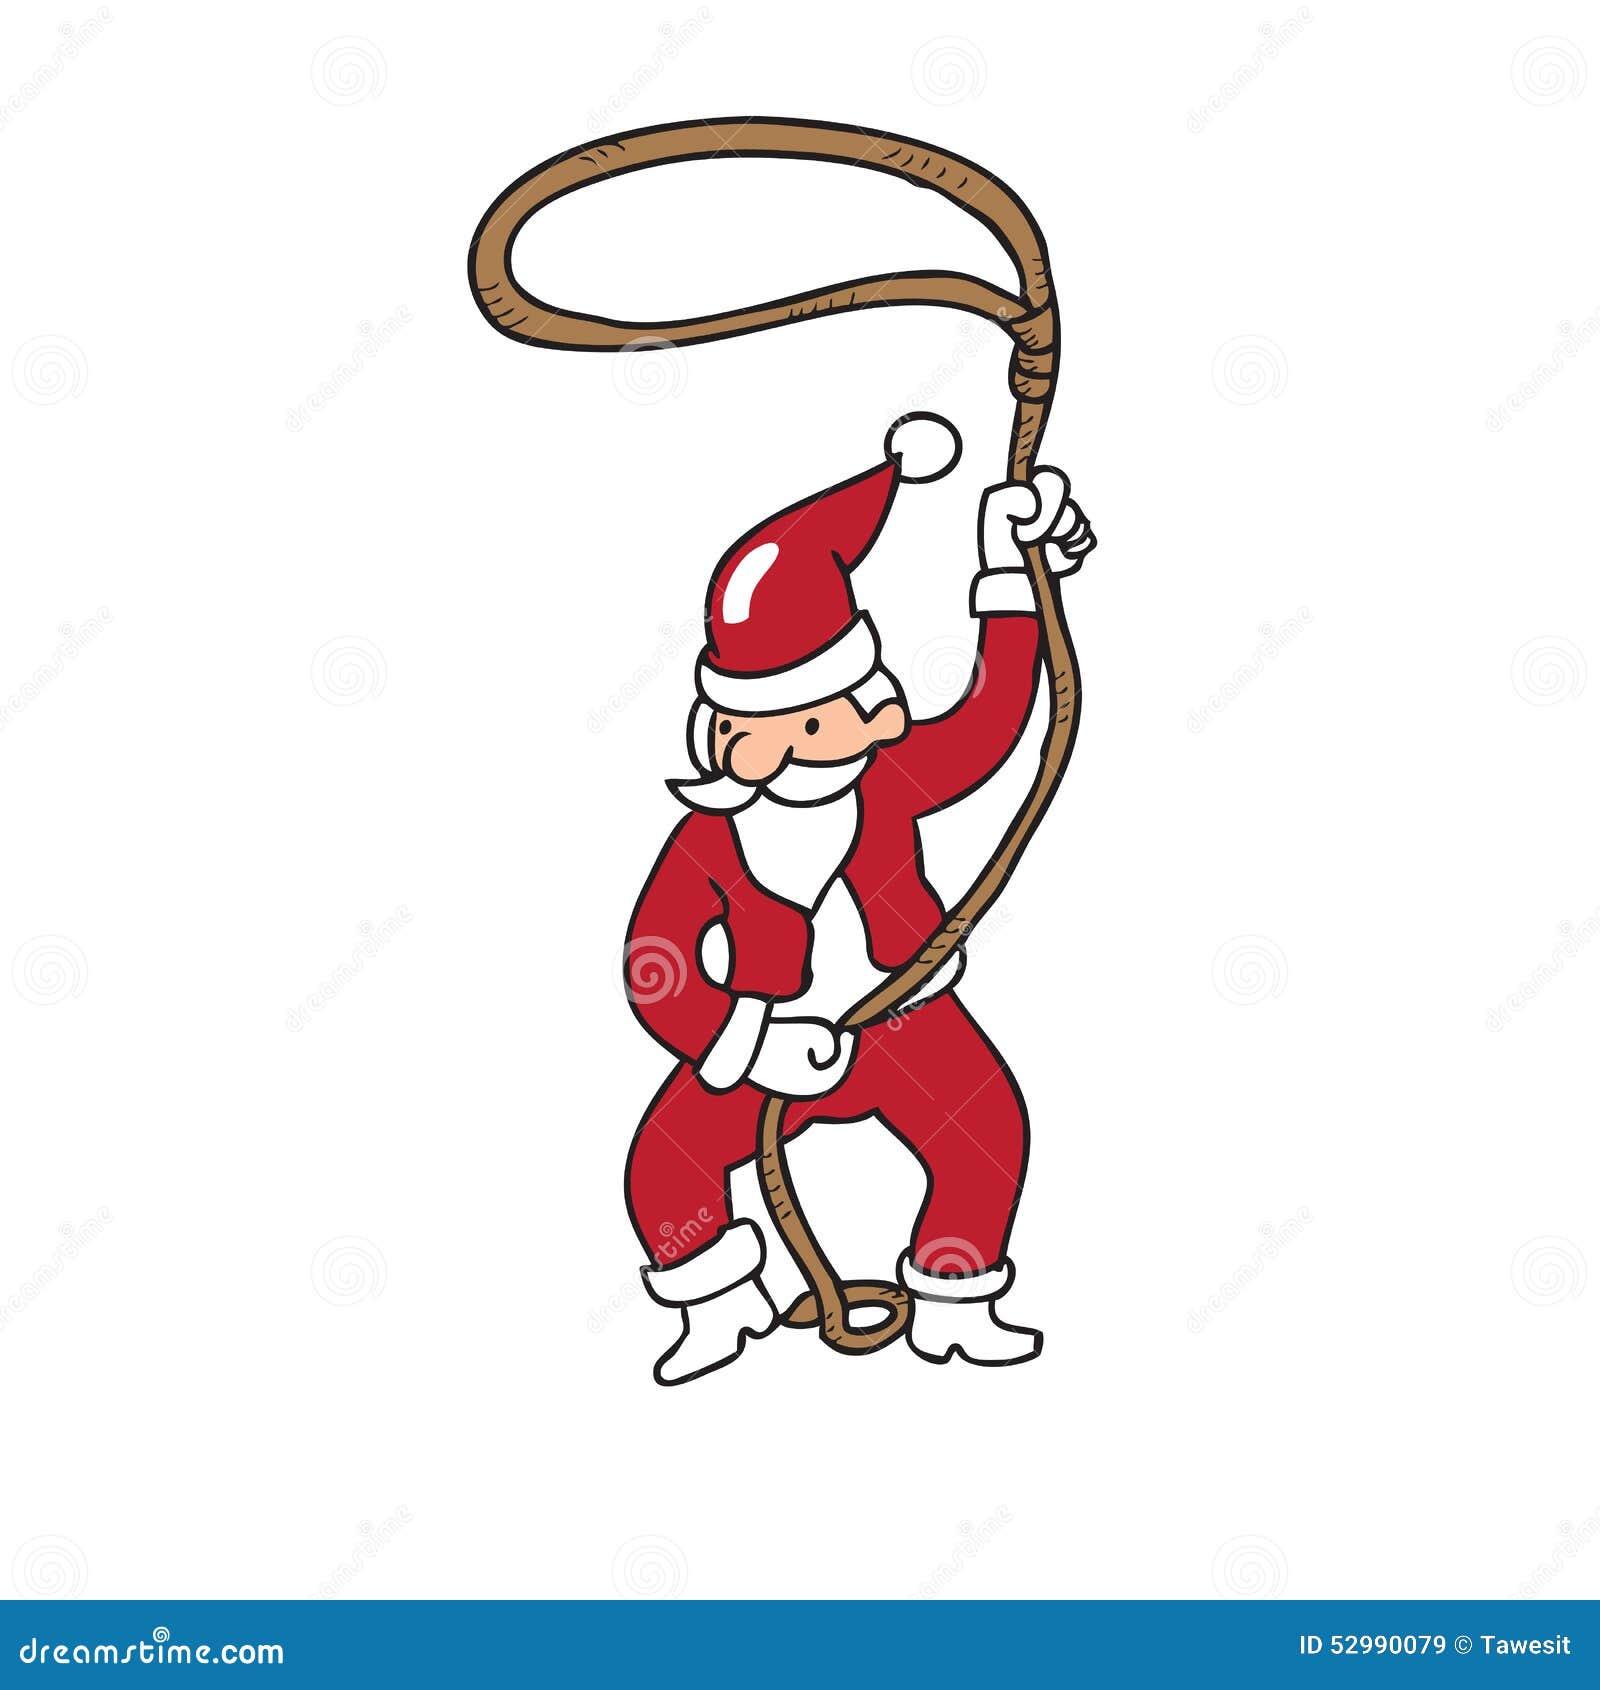 Cowboy Santa Stock Illustrations – 109 Cowboy Santa Stock ...